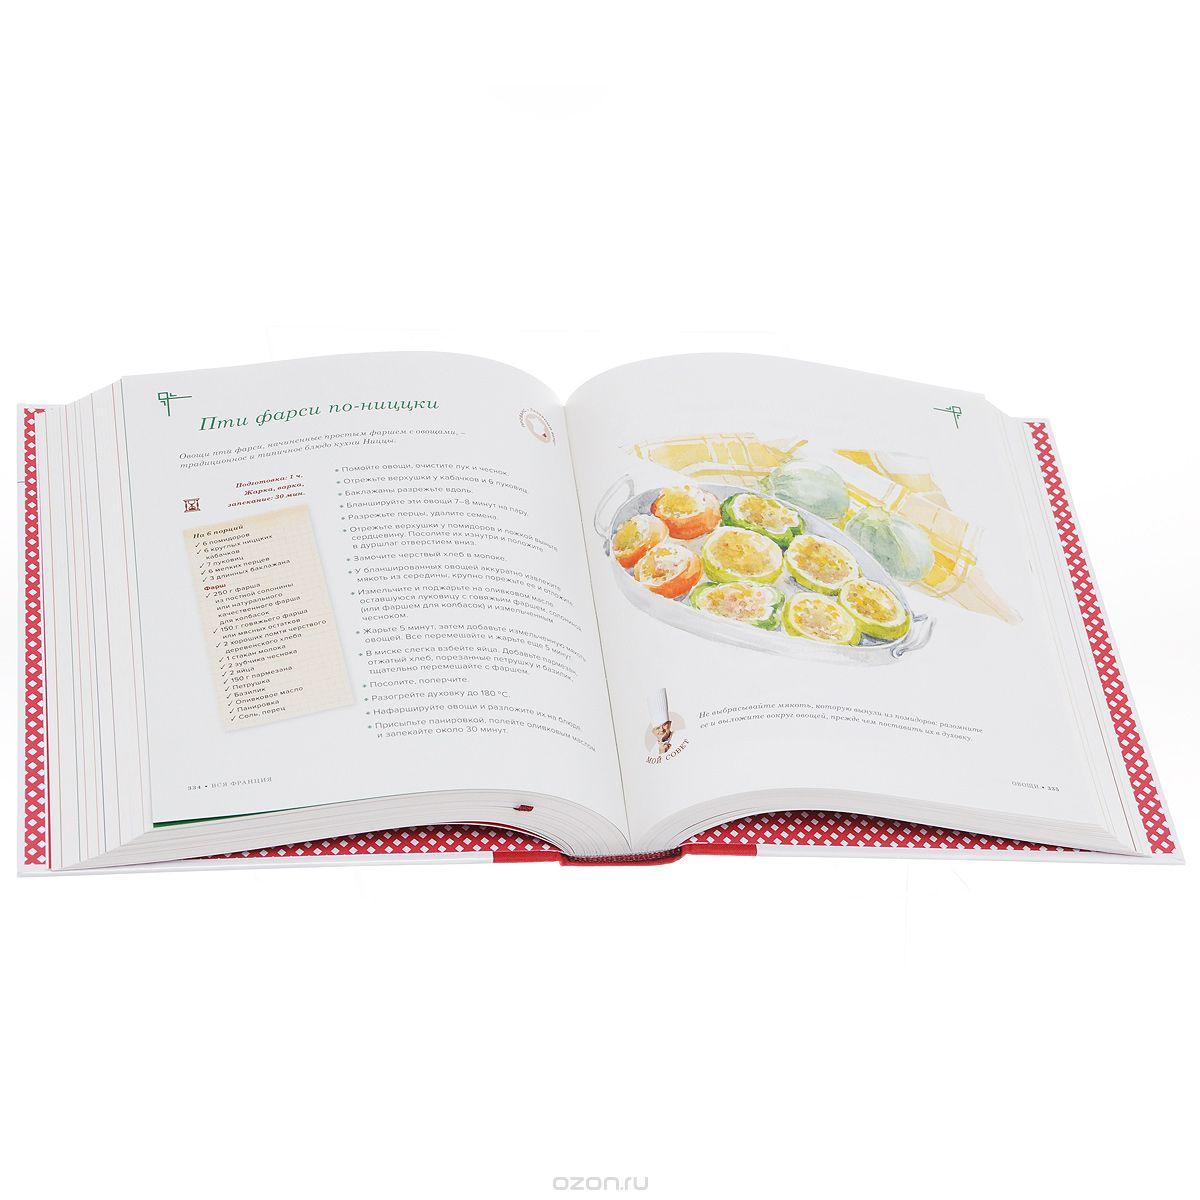 Книга «Вся Франция: 365 рецептов из всех провинций» Books Books PB5 фото 1